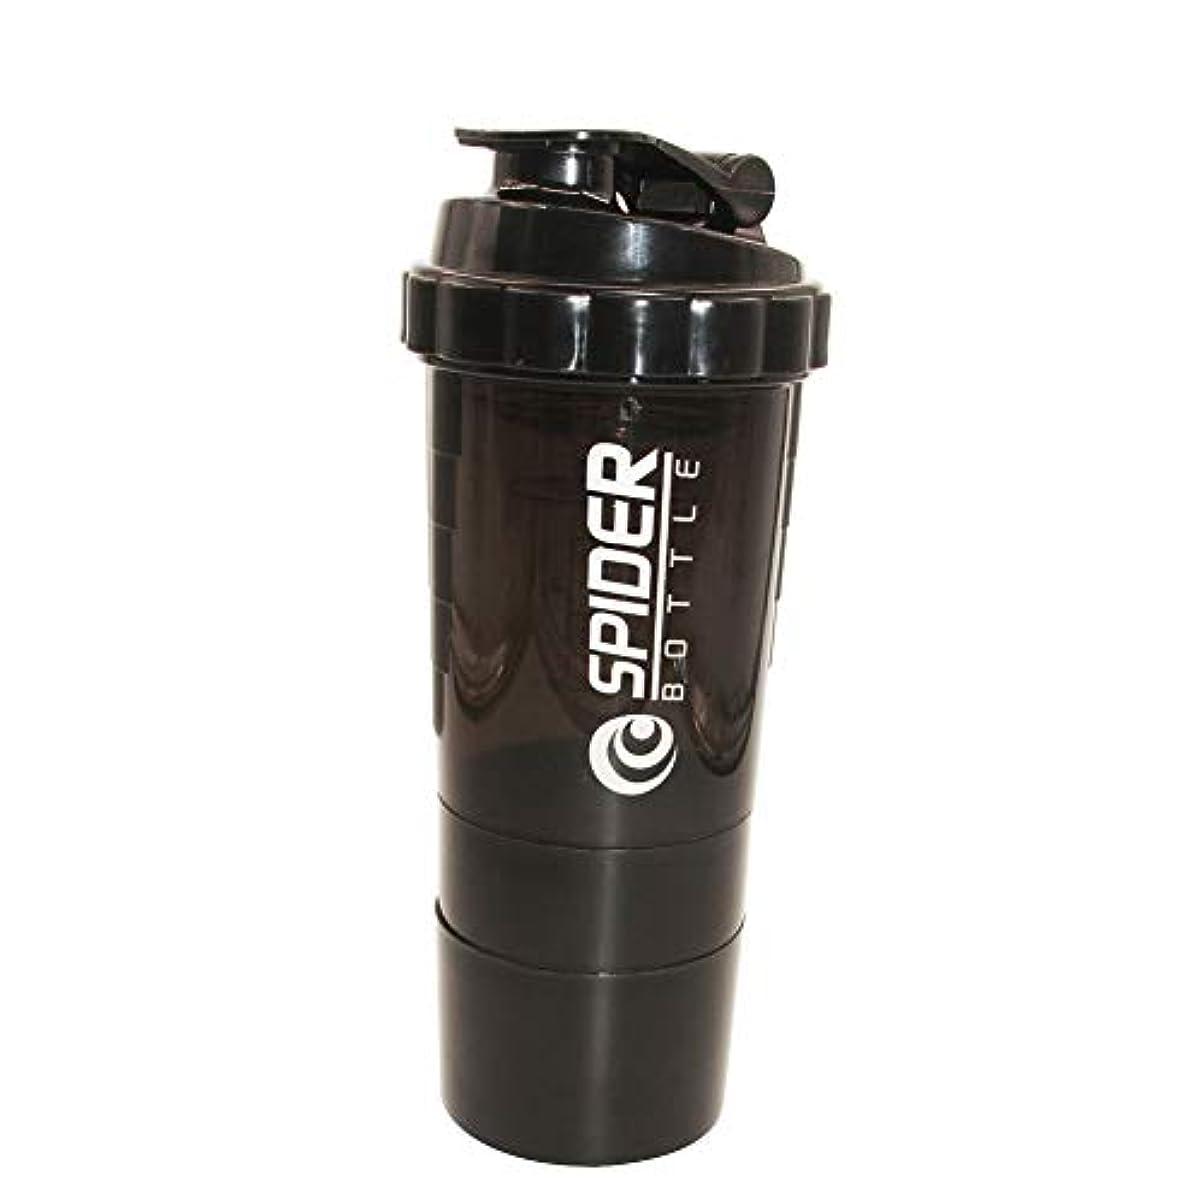 ボトル公審判プロテインシェイカー プラスチックボトル シェーカーボトル フィットネス用 プラスチック 目盛り ジム スポーツ 600ml 3層プロテインボックス 大容量 (Black)